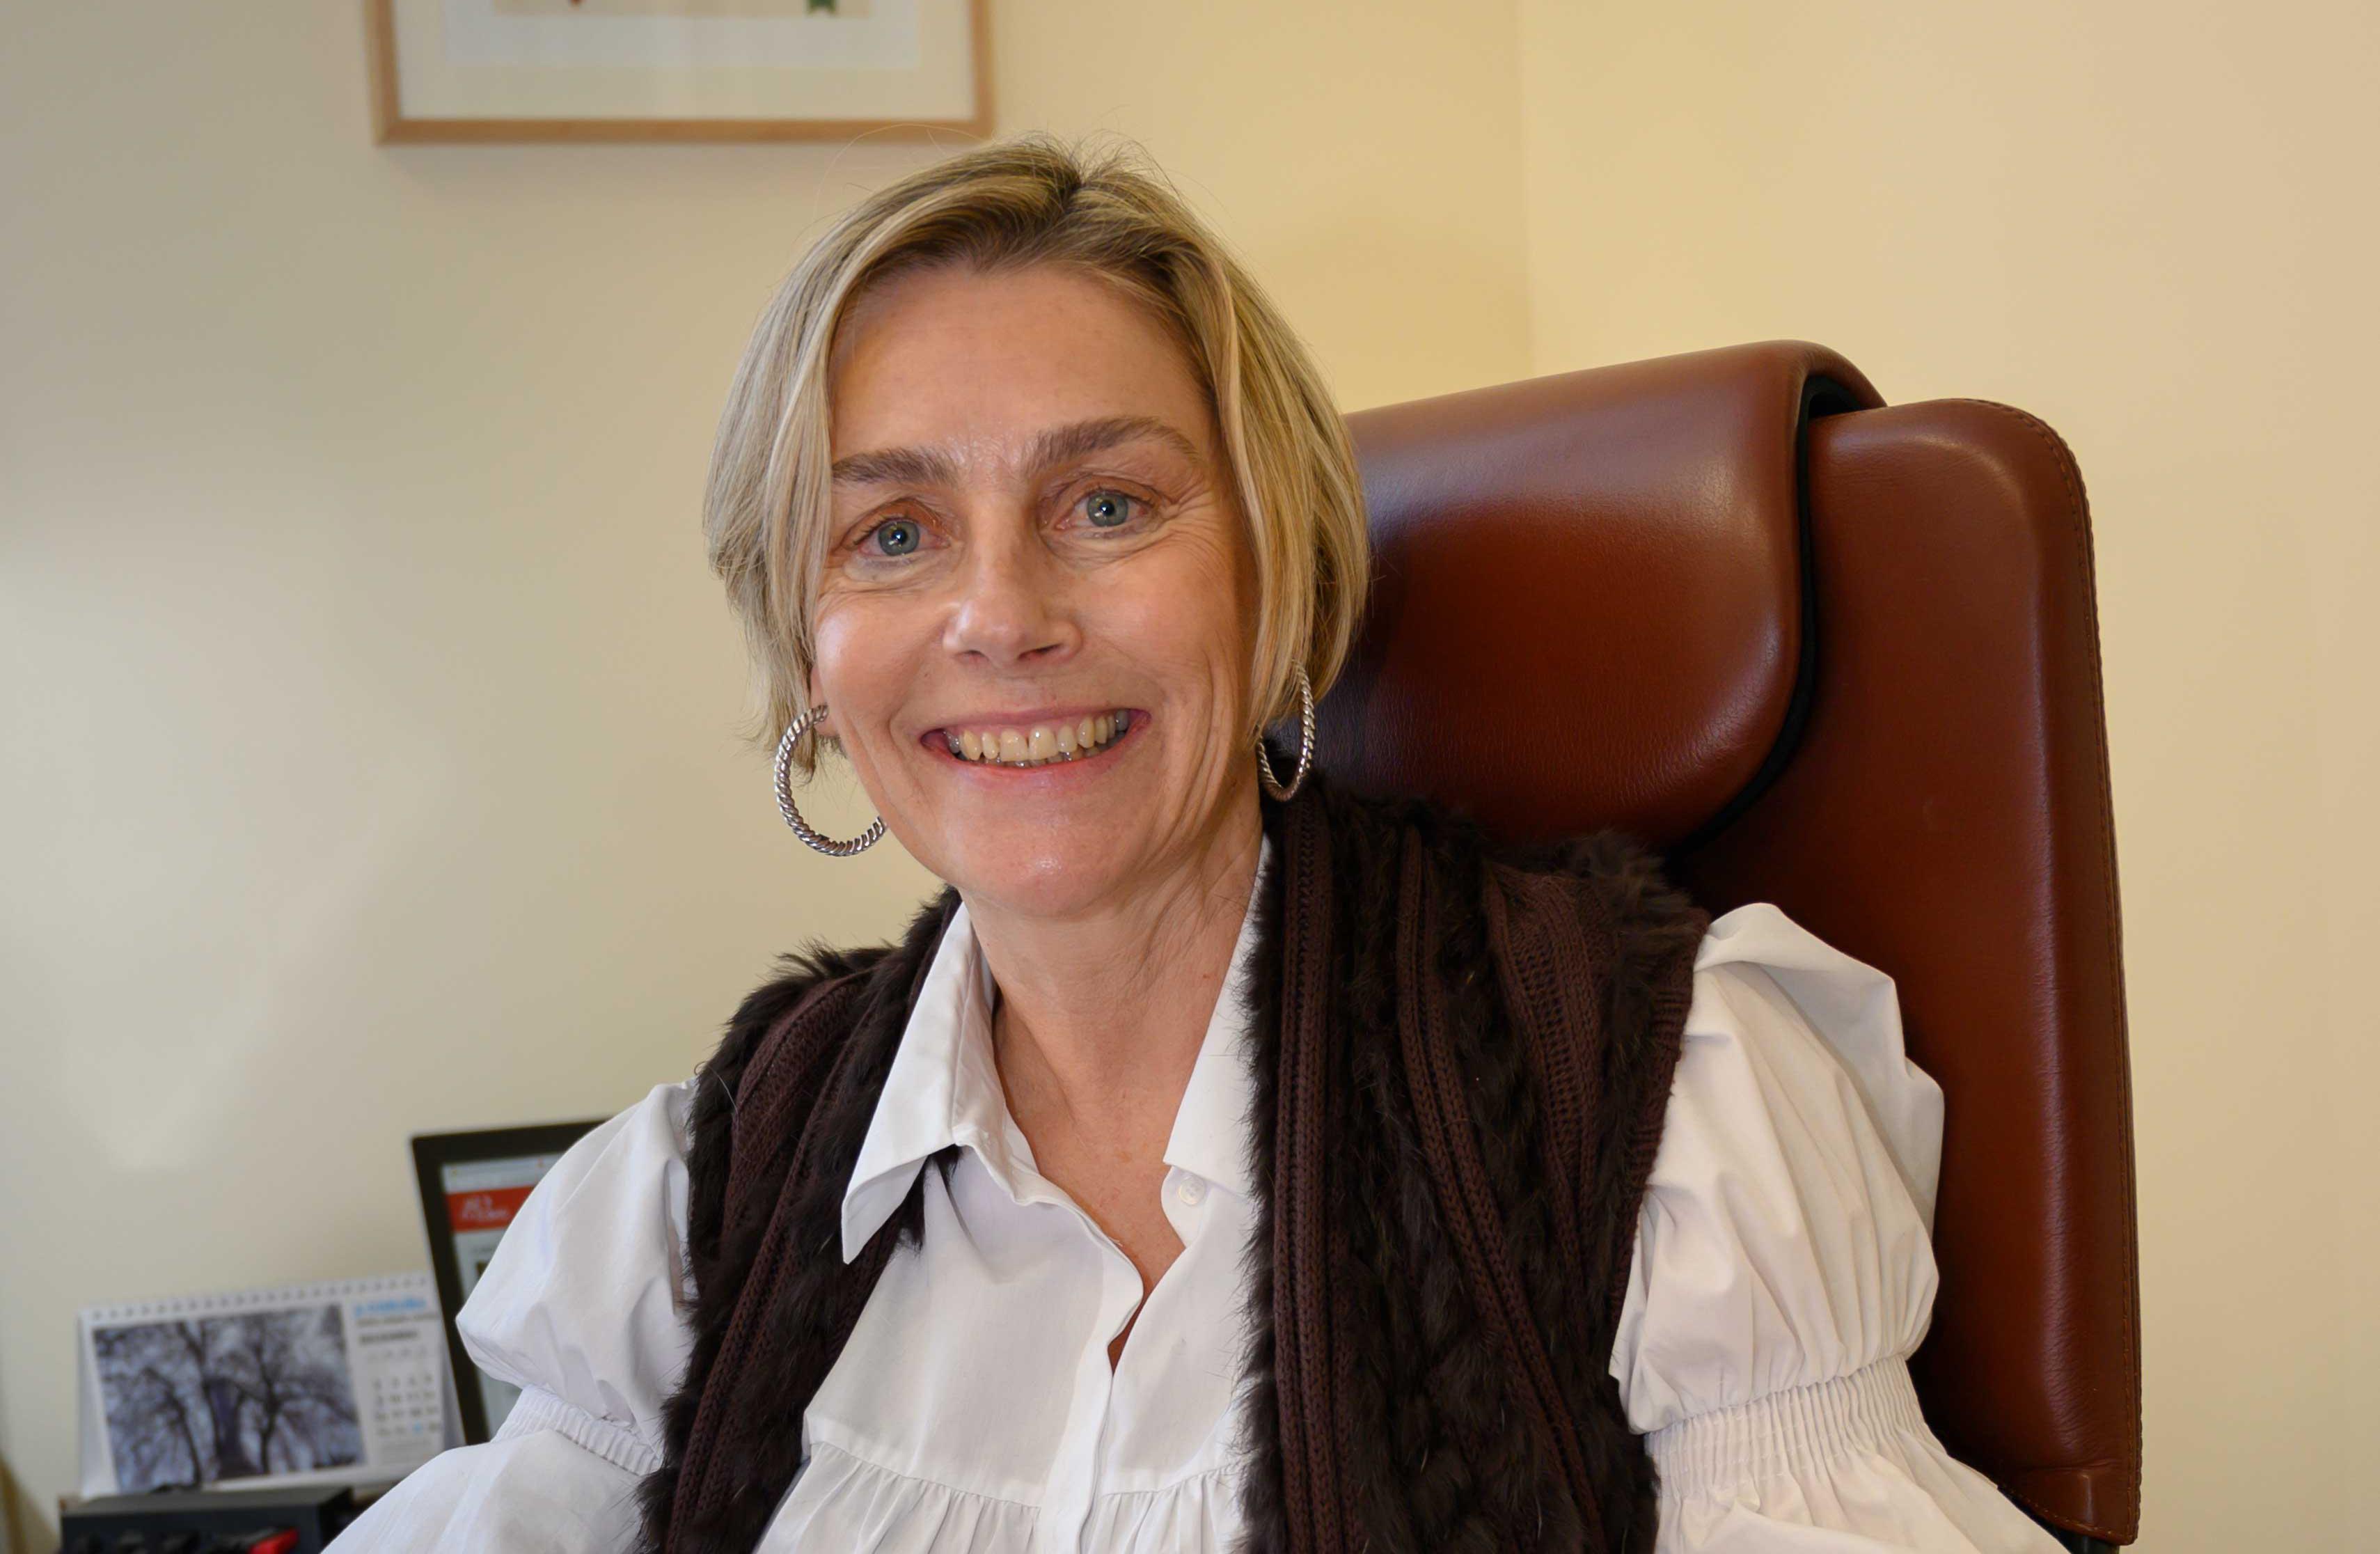 imagen de Rosina López Alonso-Fandiño, vicepresidenta de Organización y Relaciones Institucionales. / CSIC Comunicación